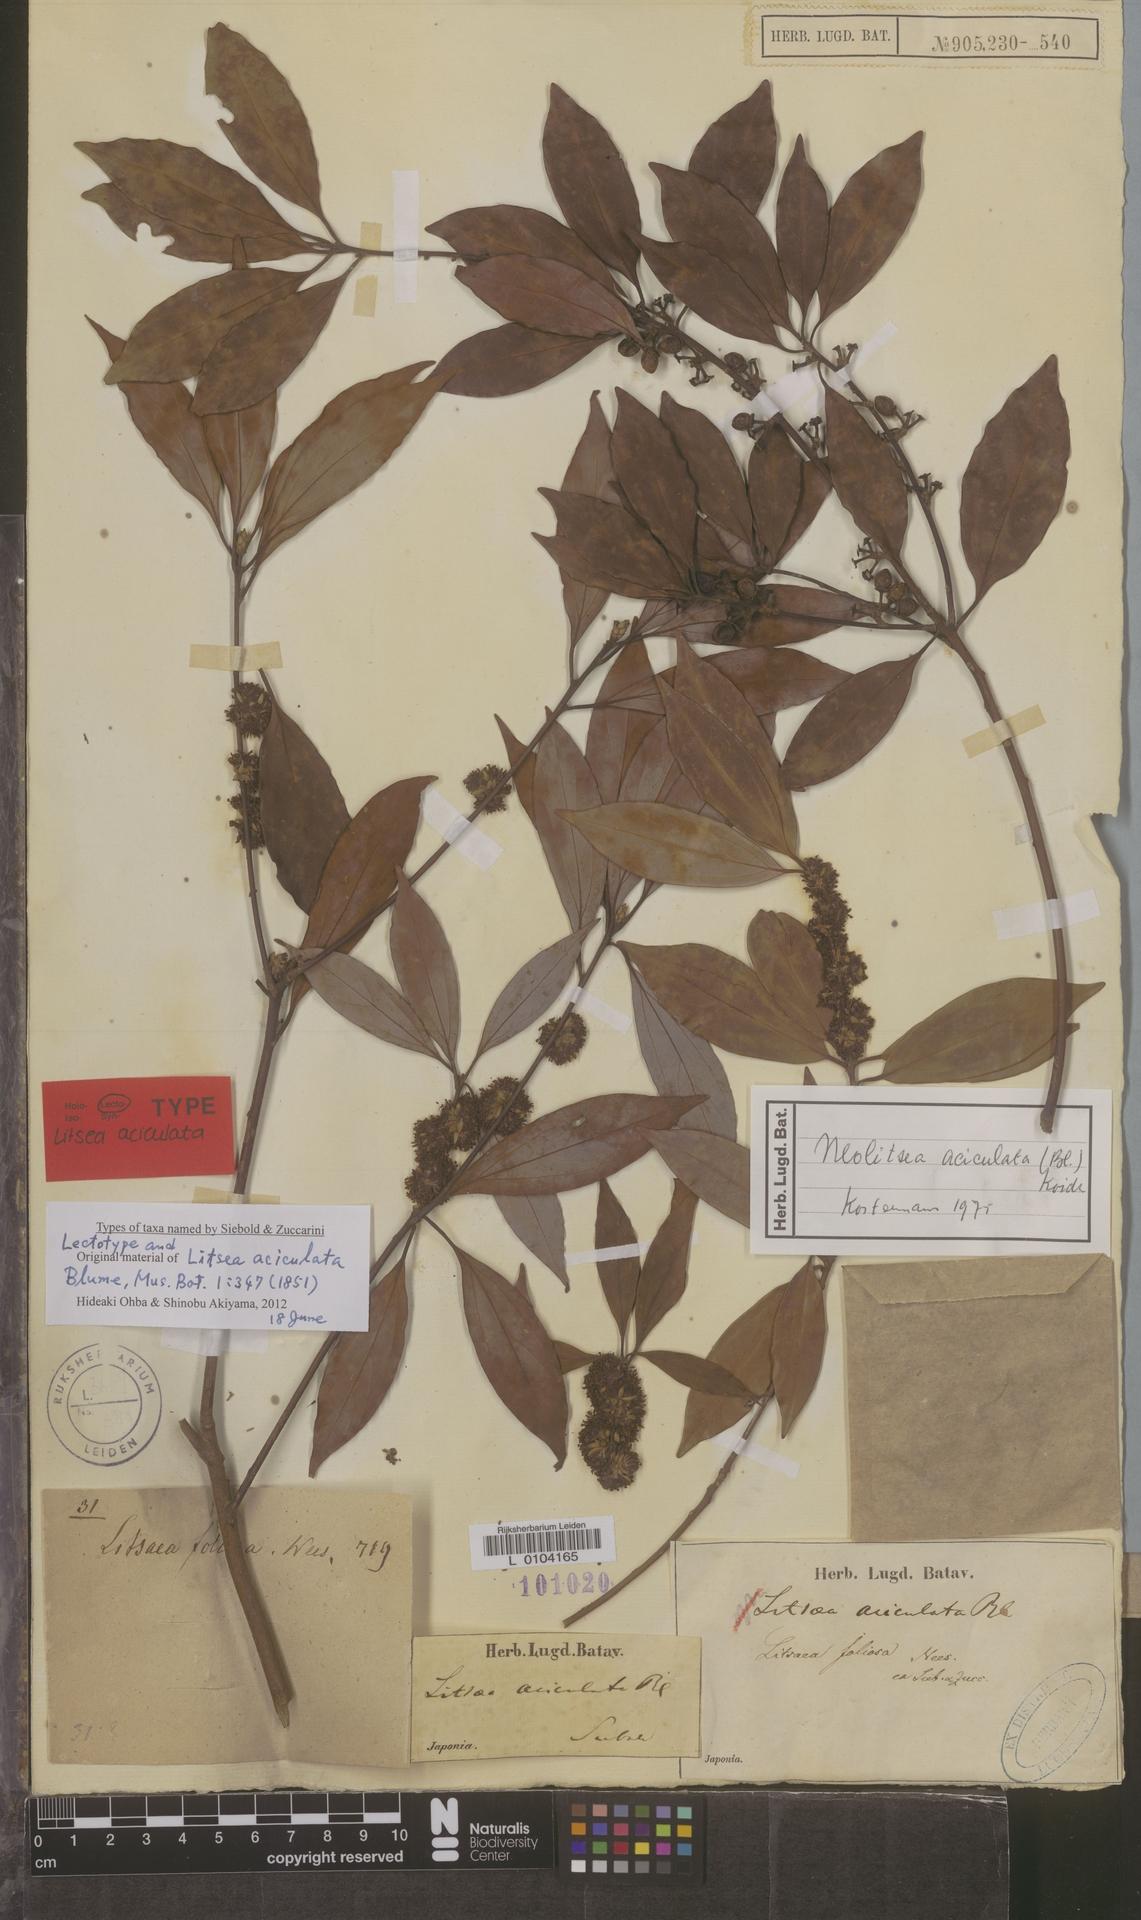 L  0104165 | Neolitsea aciculata (Blume) Koidz.